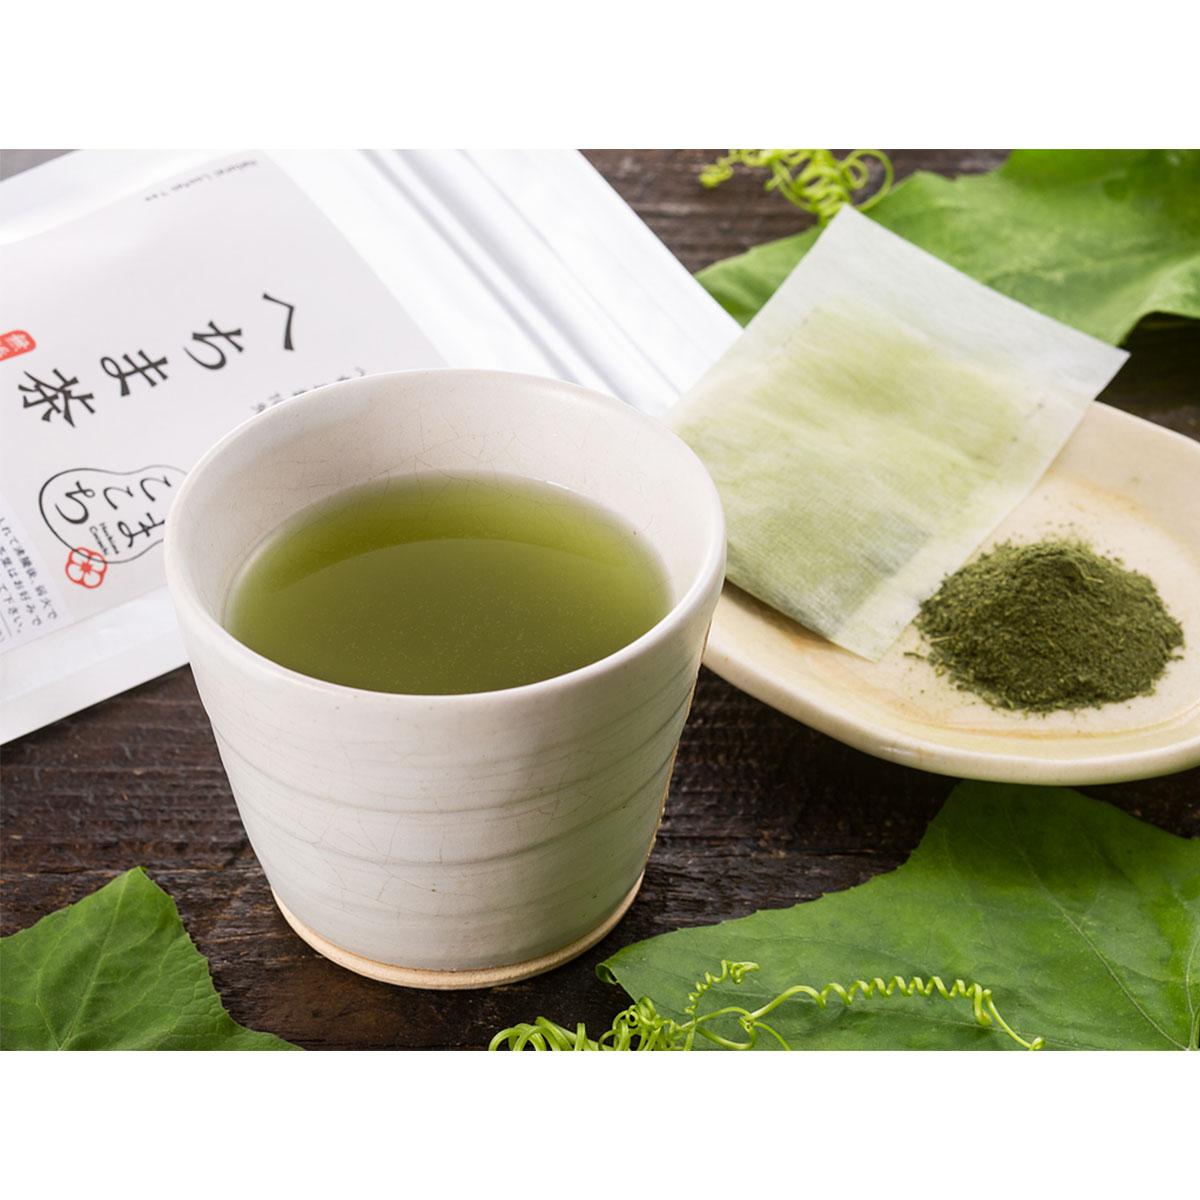 お肌ツルツル!美容に効く! へちま美人茶 | 有限会社へちま産業・富山県